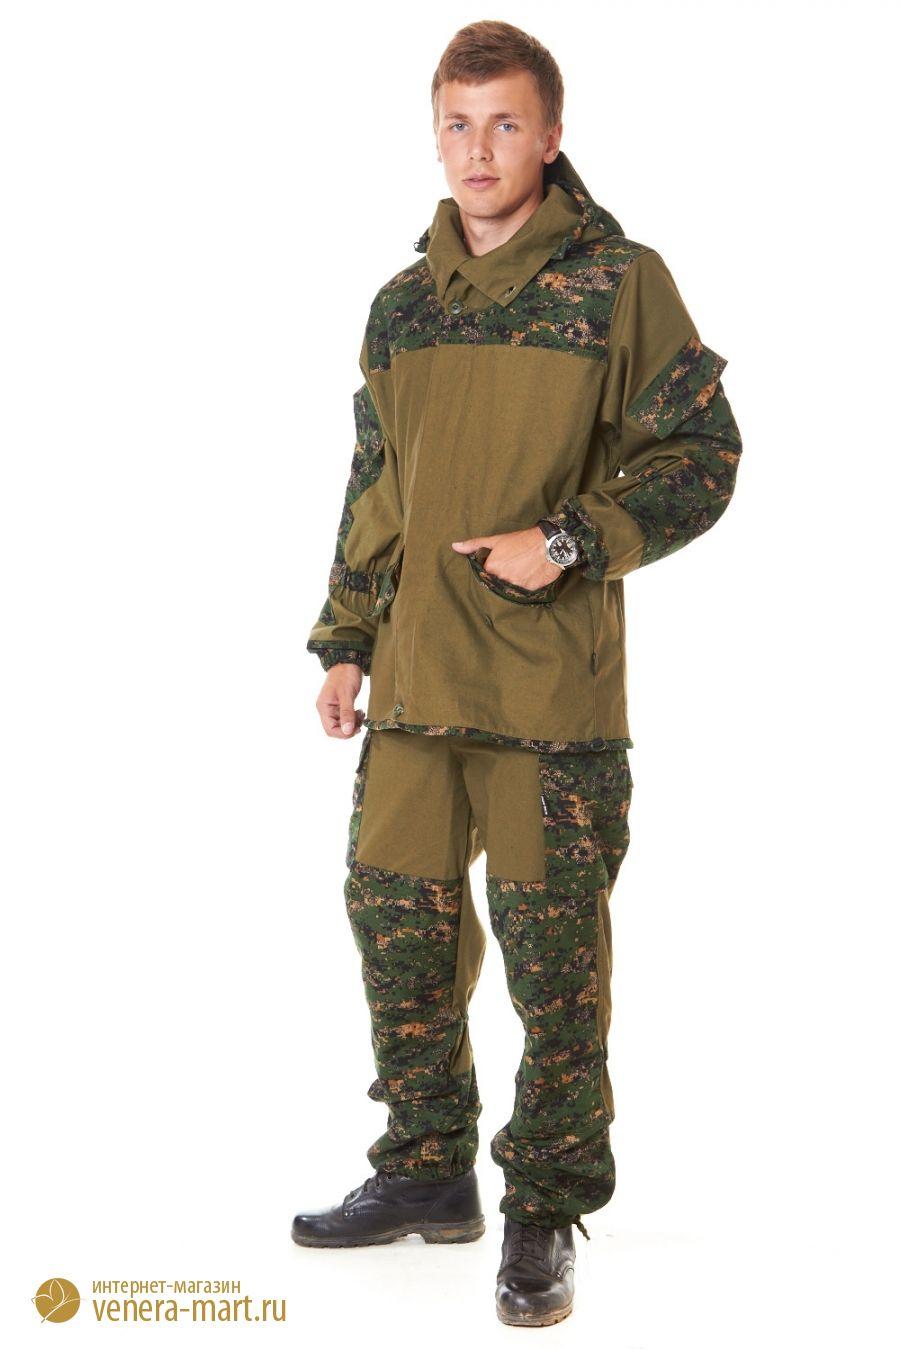 Костюм для охоты и рыбалки Горка-2Одежда для охоты и рыбалки<br><br><br>Размер: Лес-камыш m03a